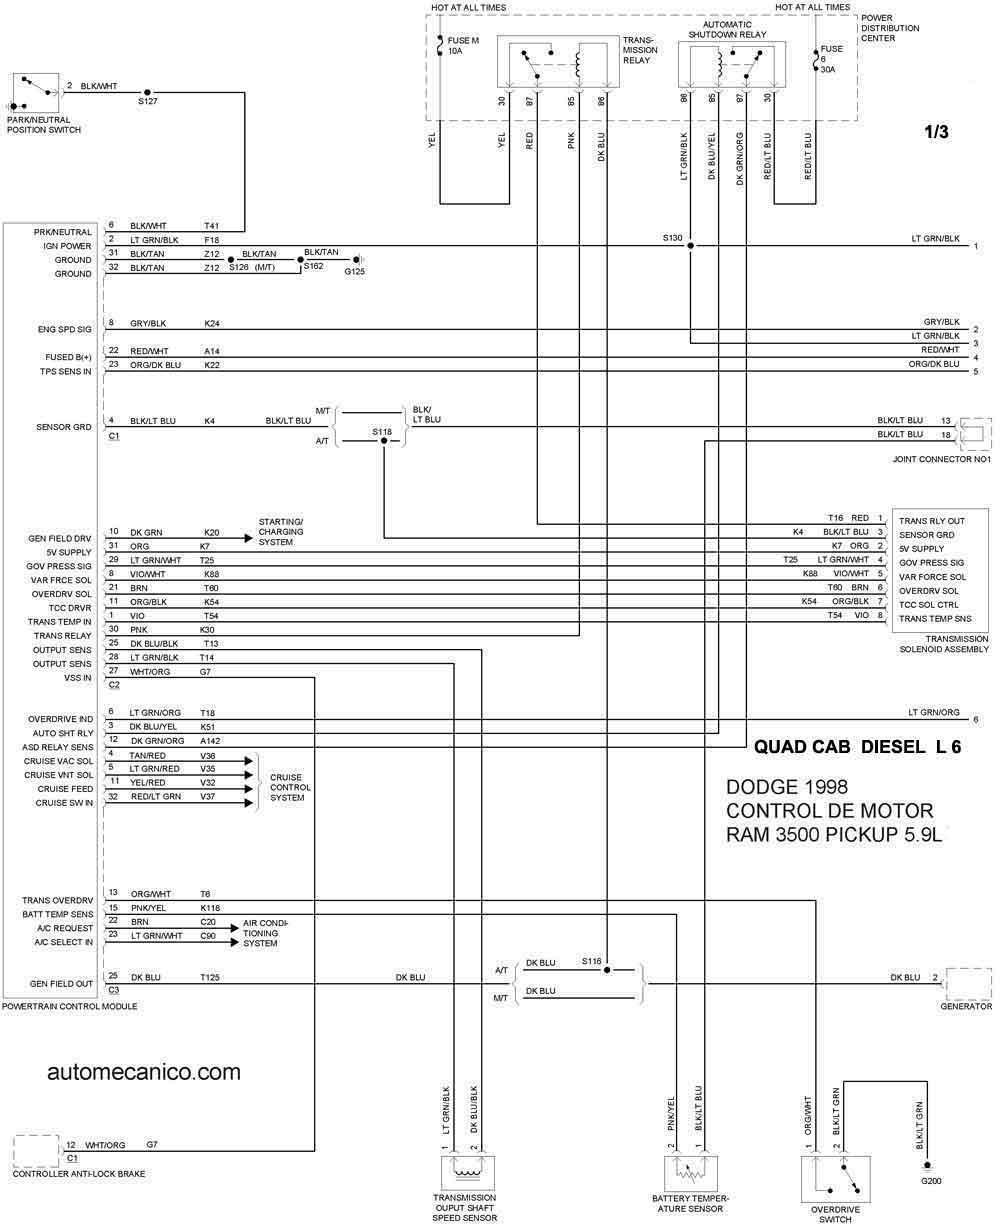 Diagramas - Esquemas - Graphics